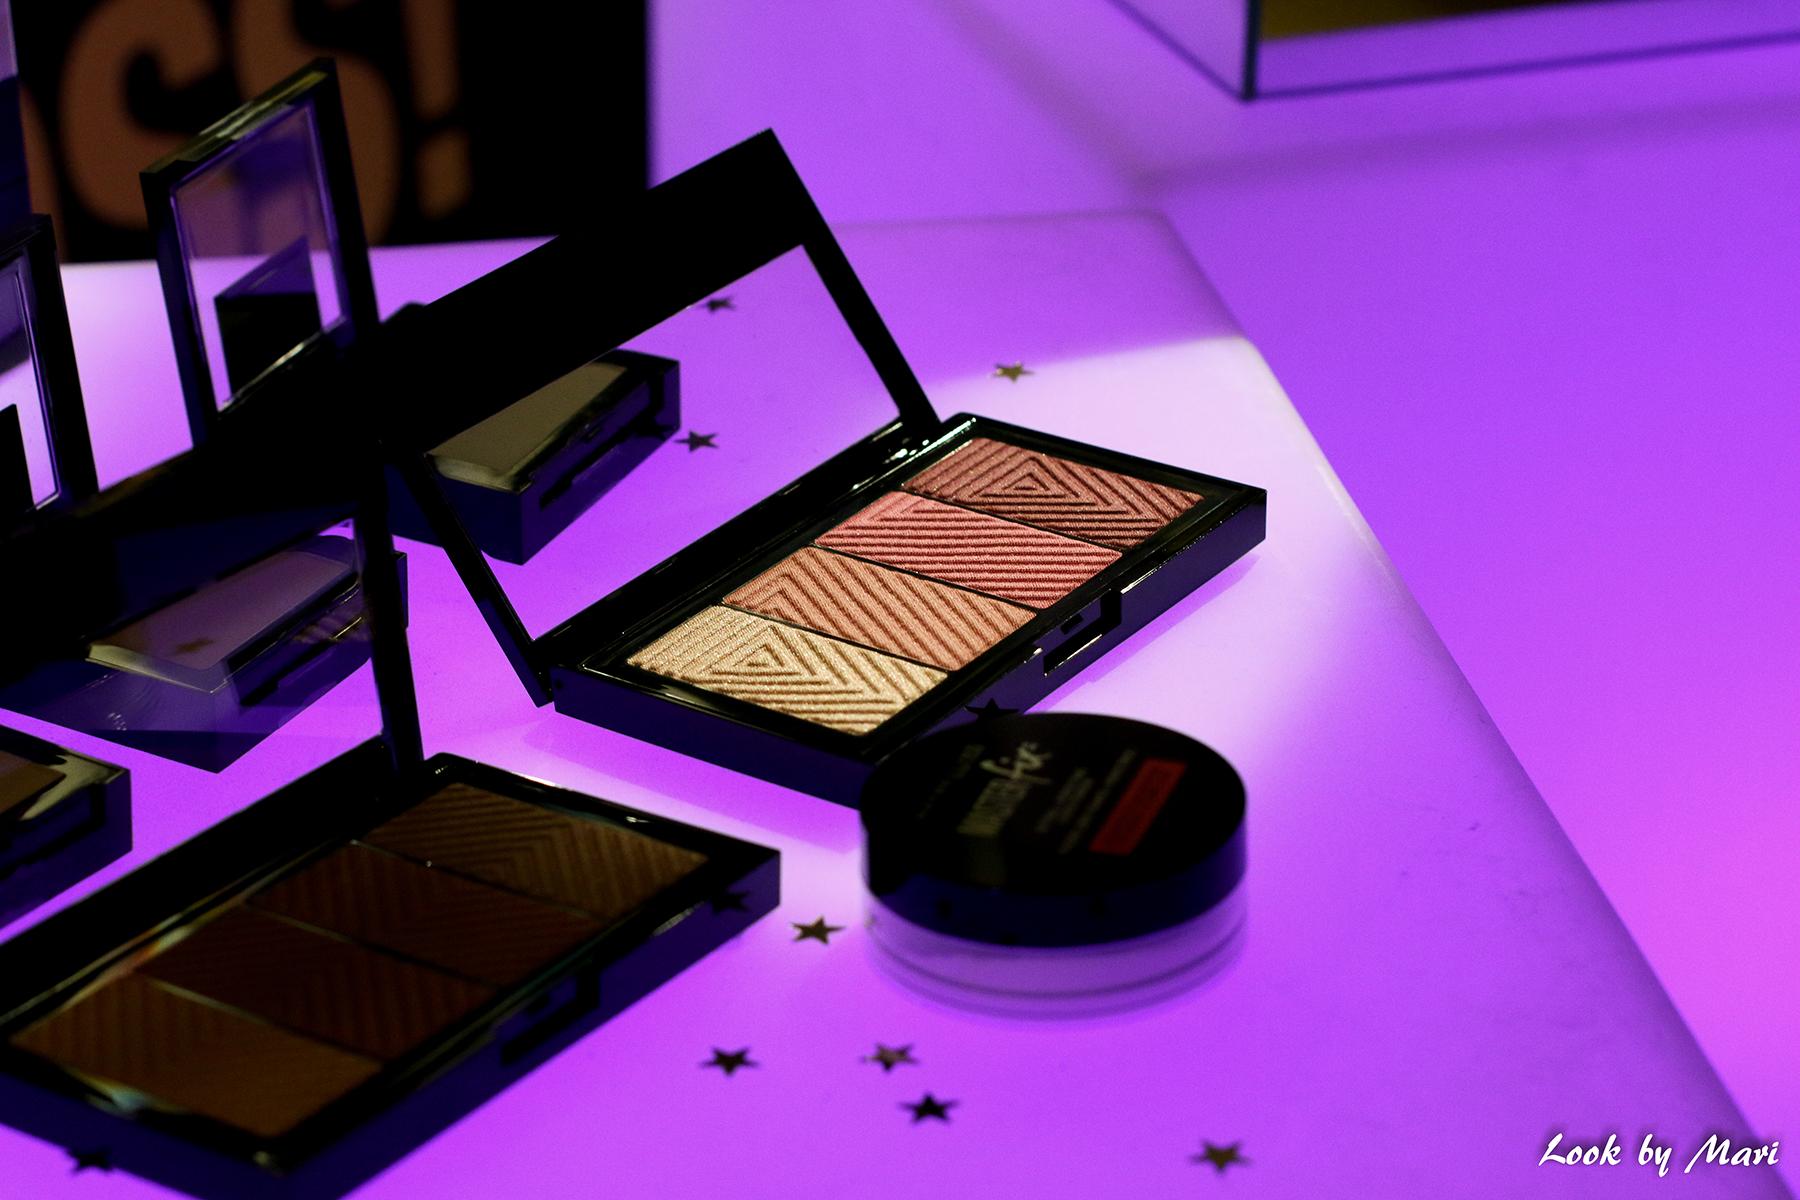 10 maybelline uusi master blush paletti poskipuna paletti värit sävyt kokemuksia blogi